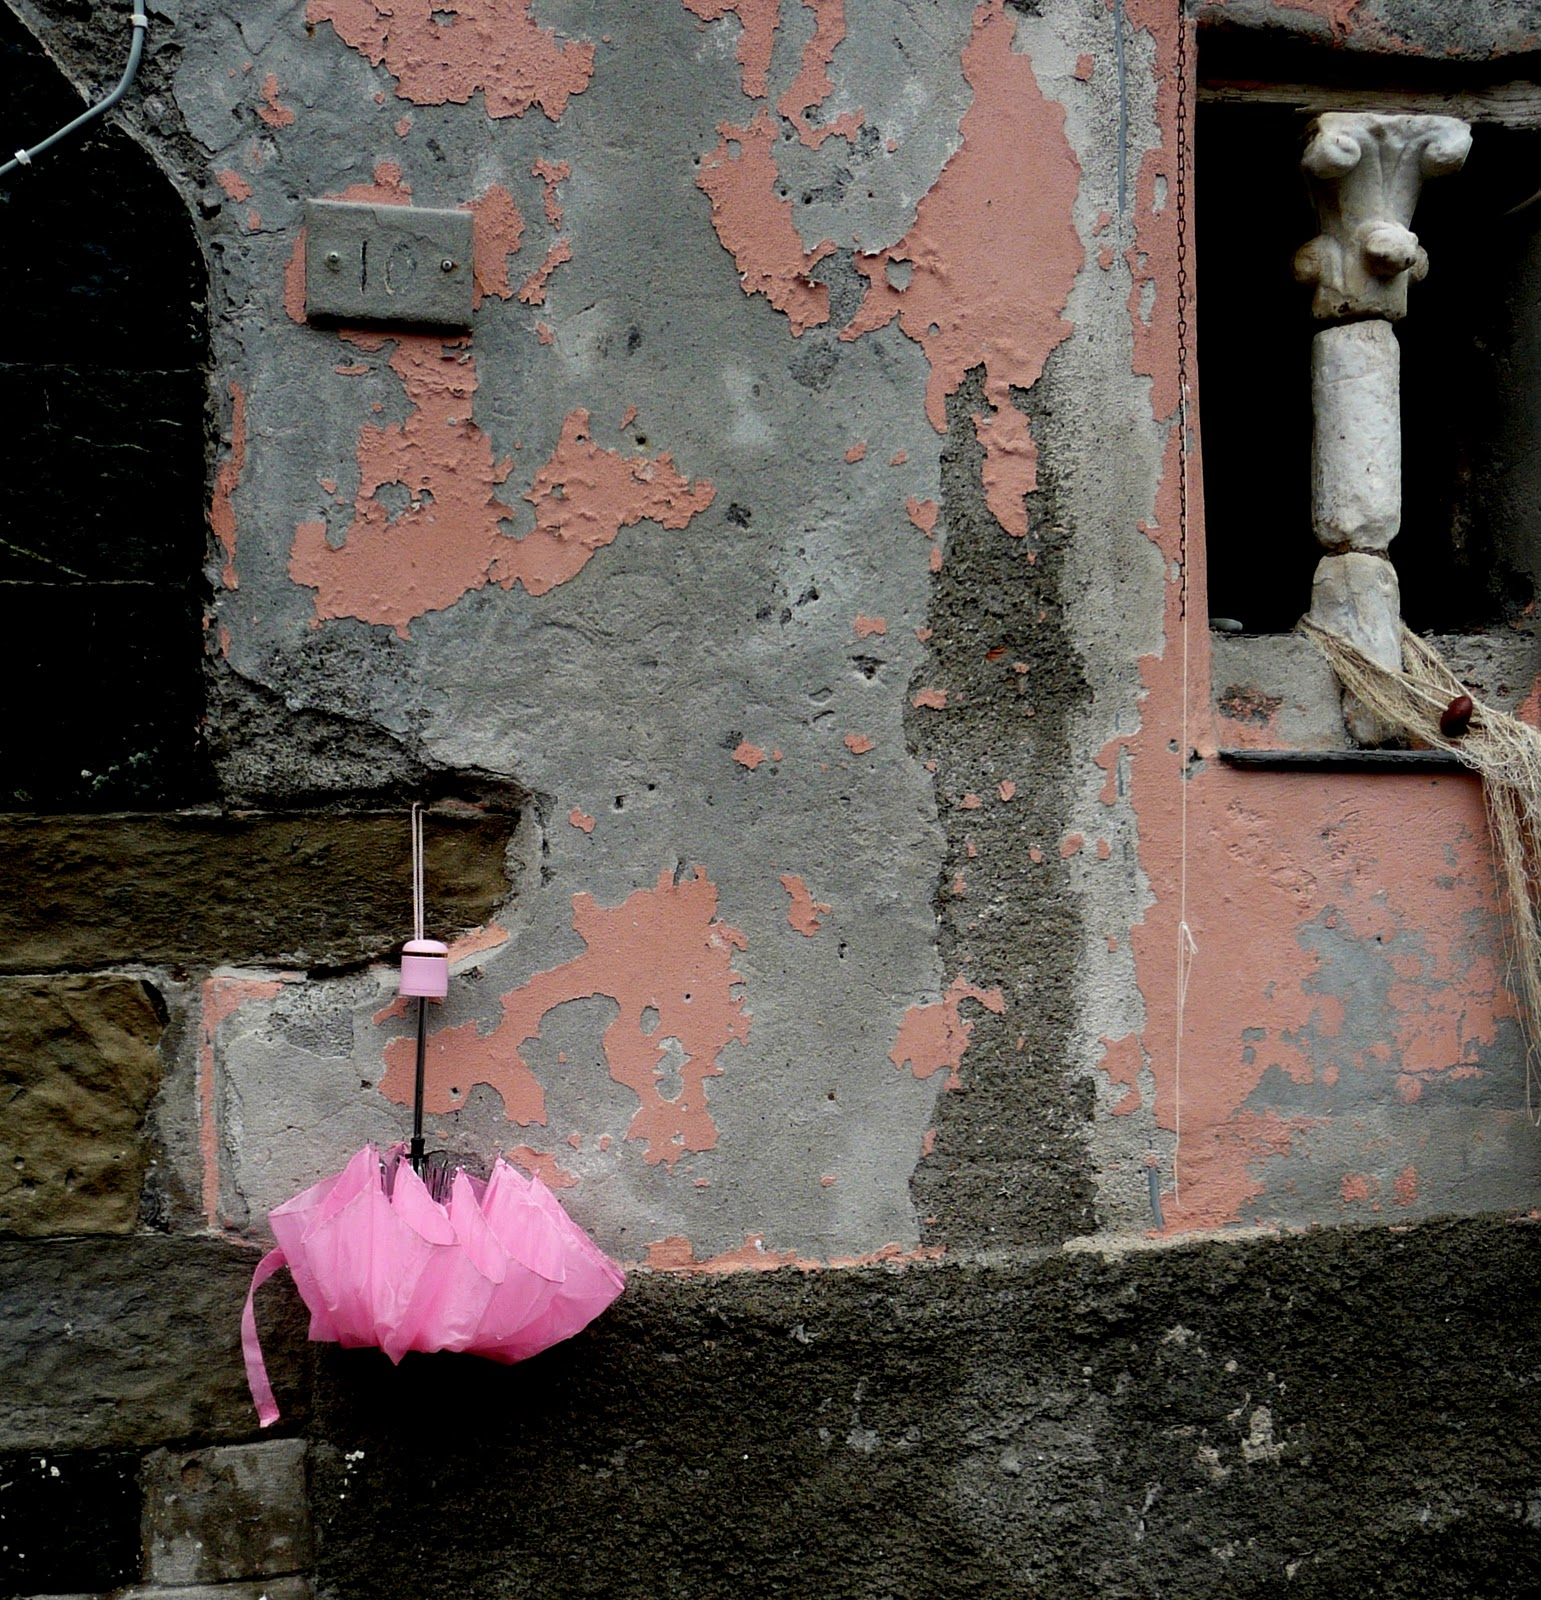 http://3.bp.blogspot.com/_wuj1vlJlWXQ/TMjsDObJGSI/AAAAAAAABno/VvQ_XF4-Tk0/s1600/Pink+Umbrella.jpg